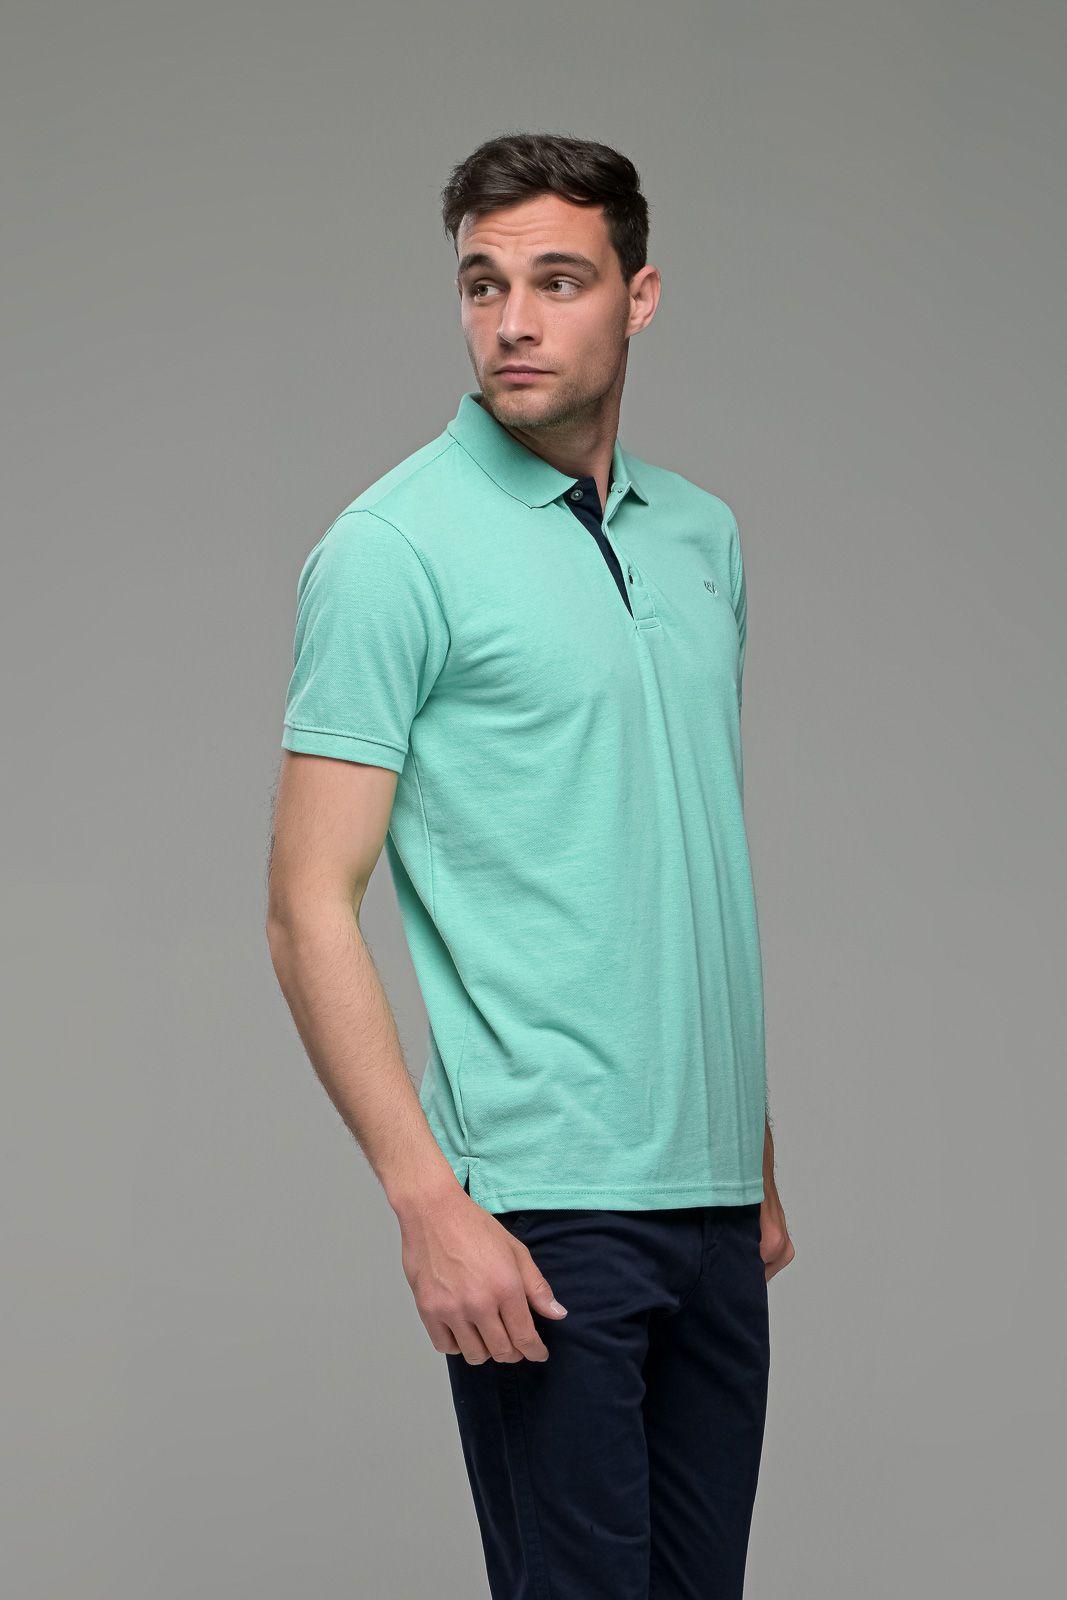 Πράσινο mint Ανδρικό Πόλο Μπλουζάκι FR με Μπλε Πατιλέτα - Regular Fit